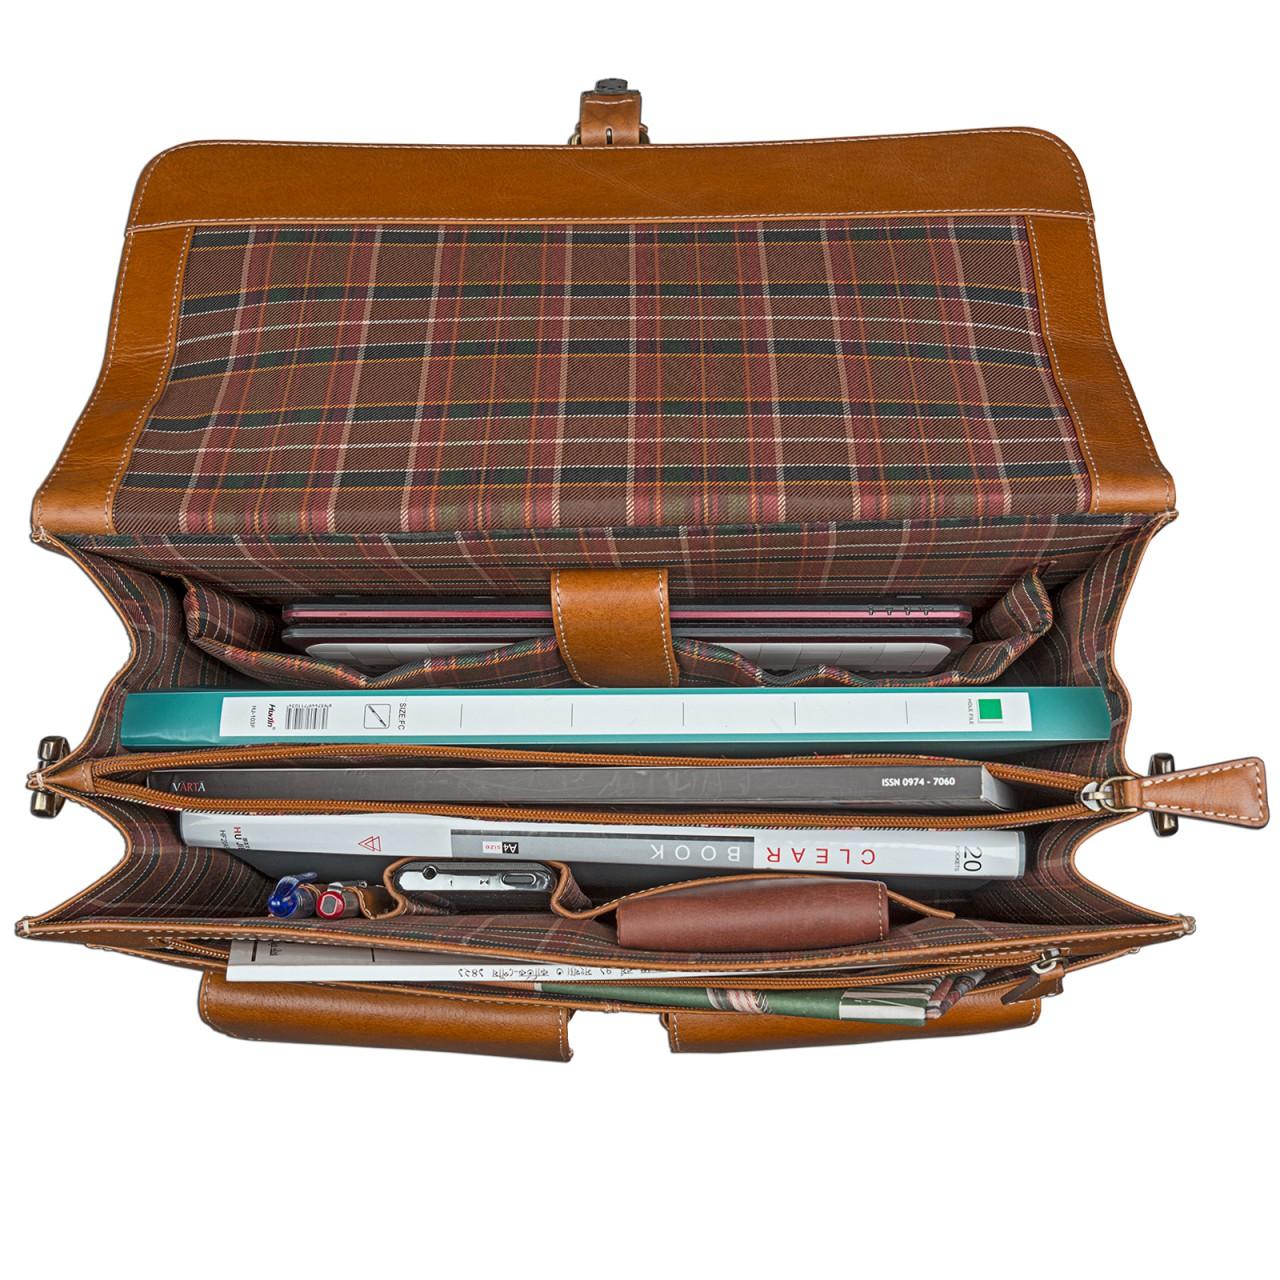 STILORD Businesstasche / Lehrertasche abnehmbarer Schultergurt Umhängetasche Aktentasche 15.6 Zoll Laptop Rinds Leder, cognac braun - Bild 6